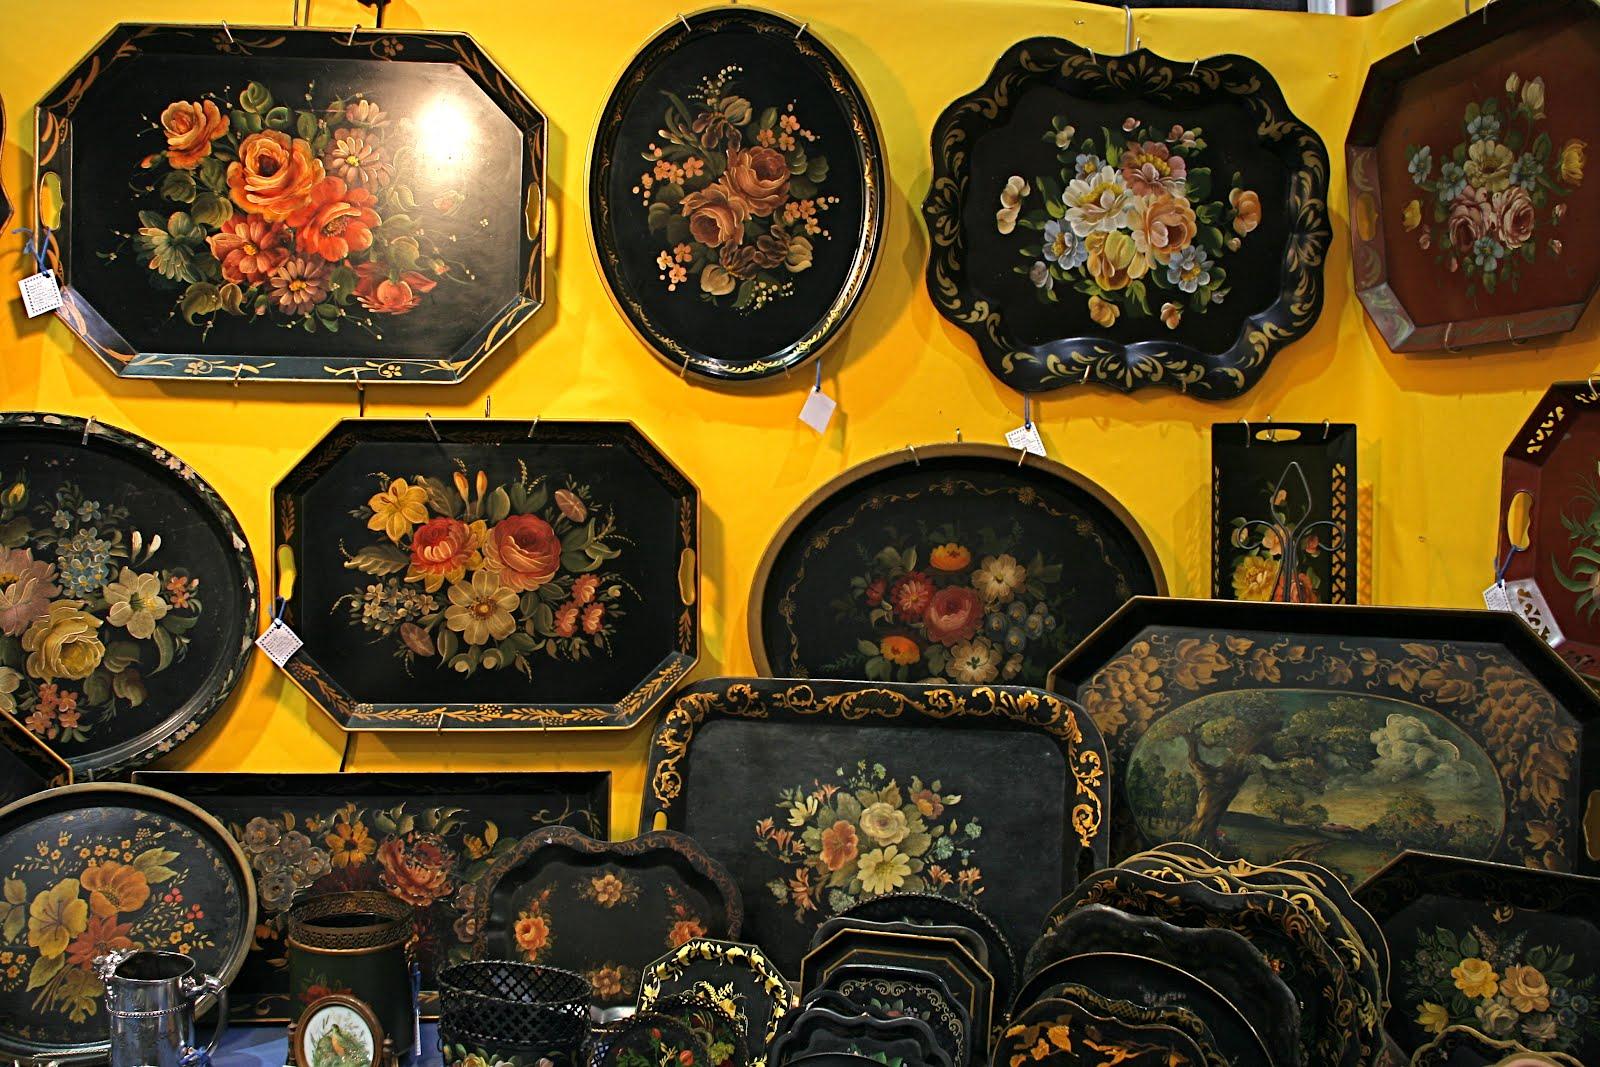 vignette design timeless tole trays. Black Bedroom Furniture Sets. Home Design Ideas